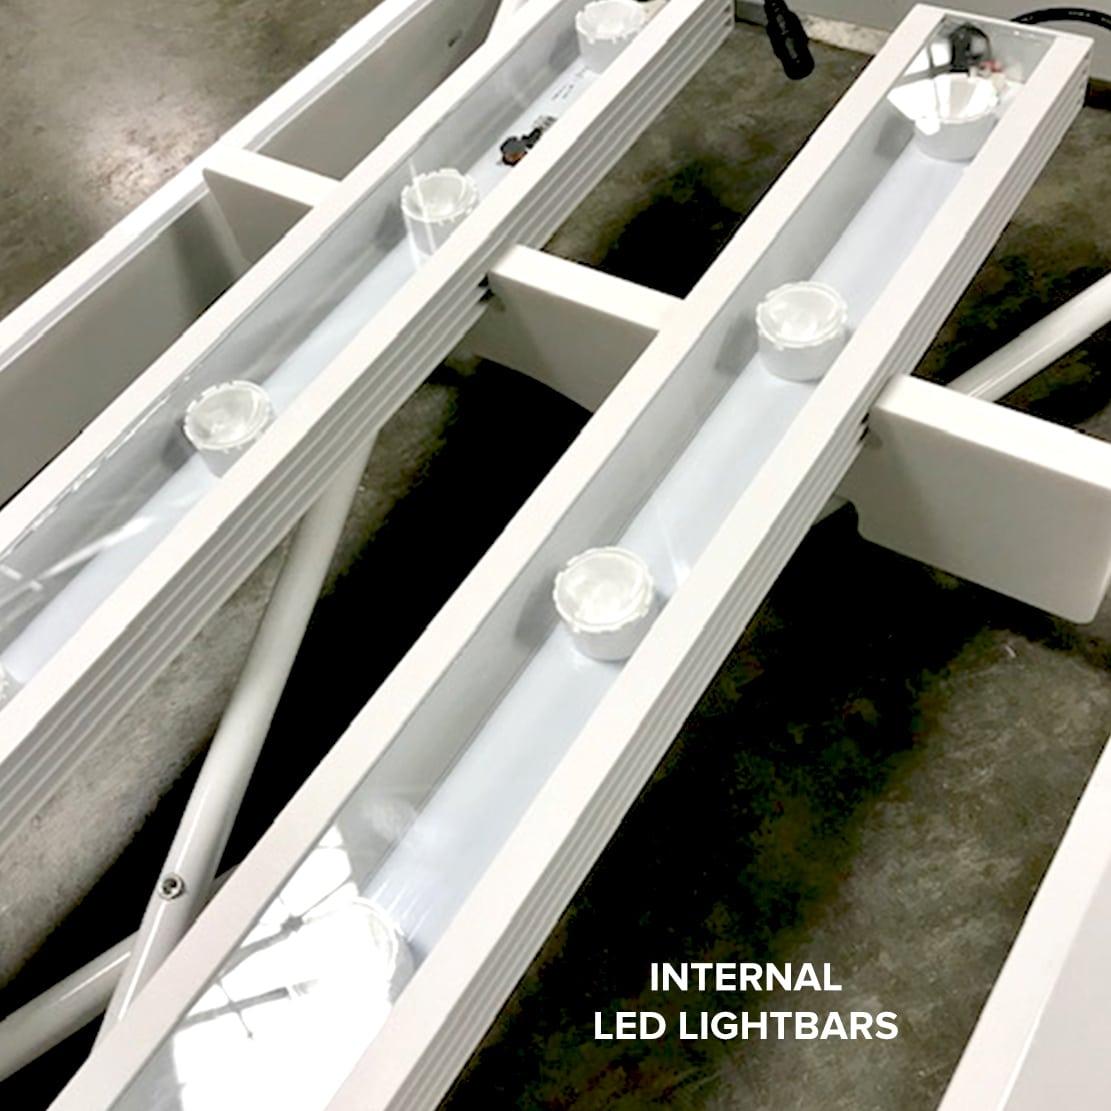 next radiance backlit SEG display showing internal LED light bars